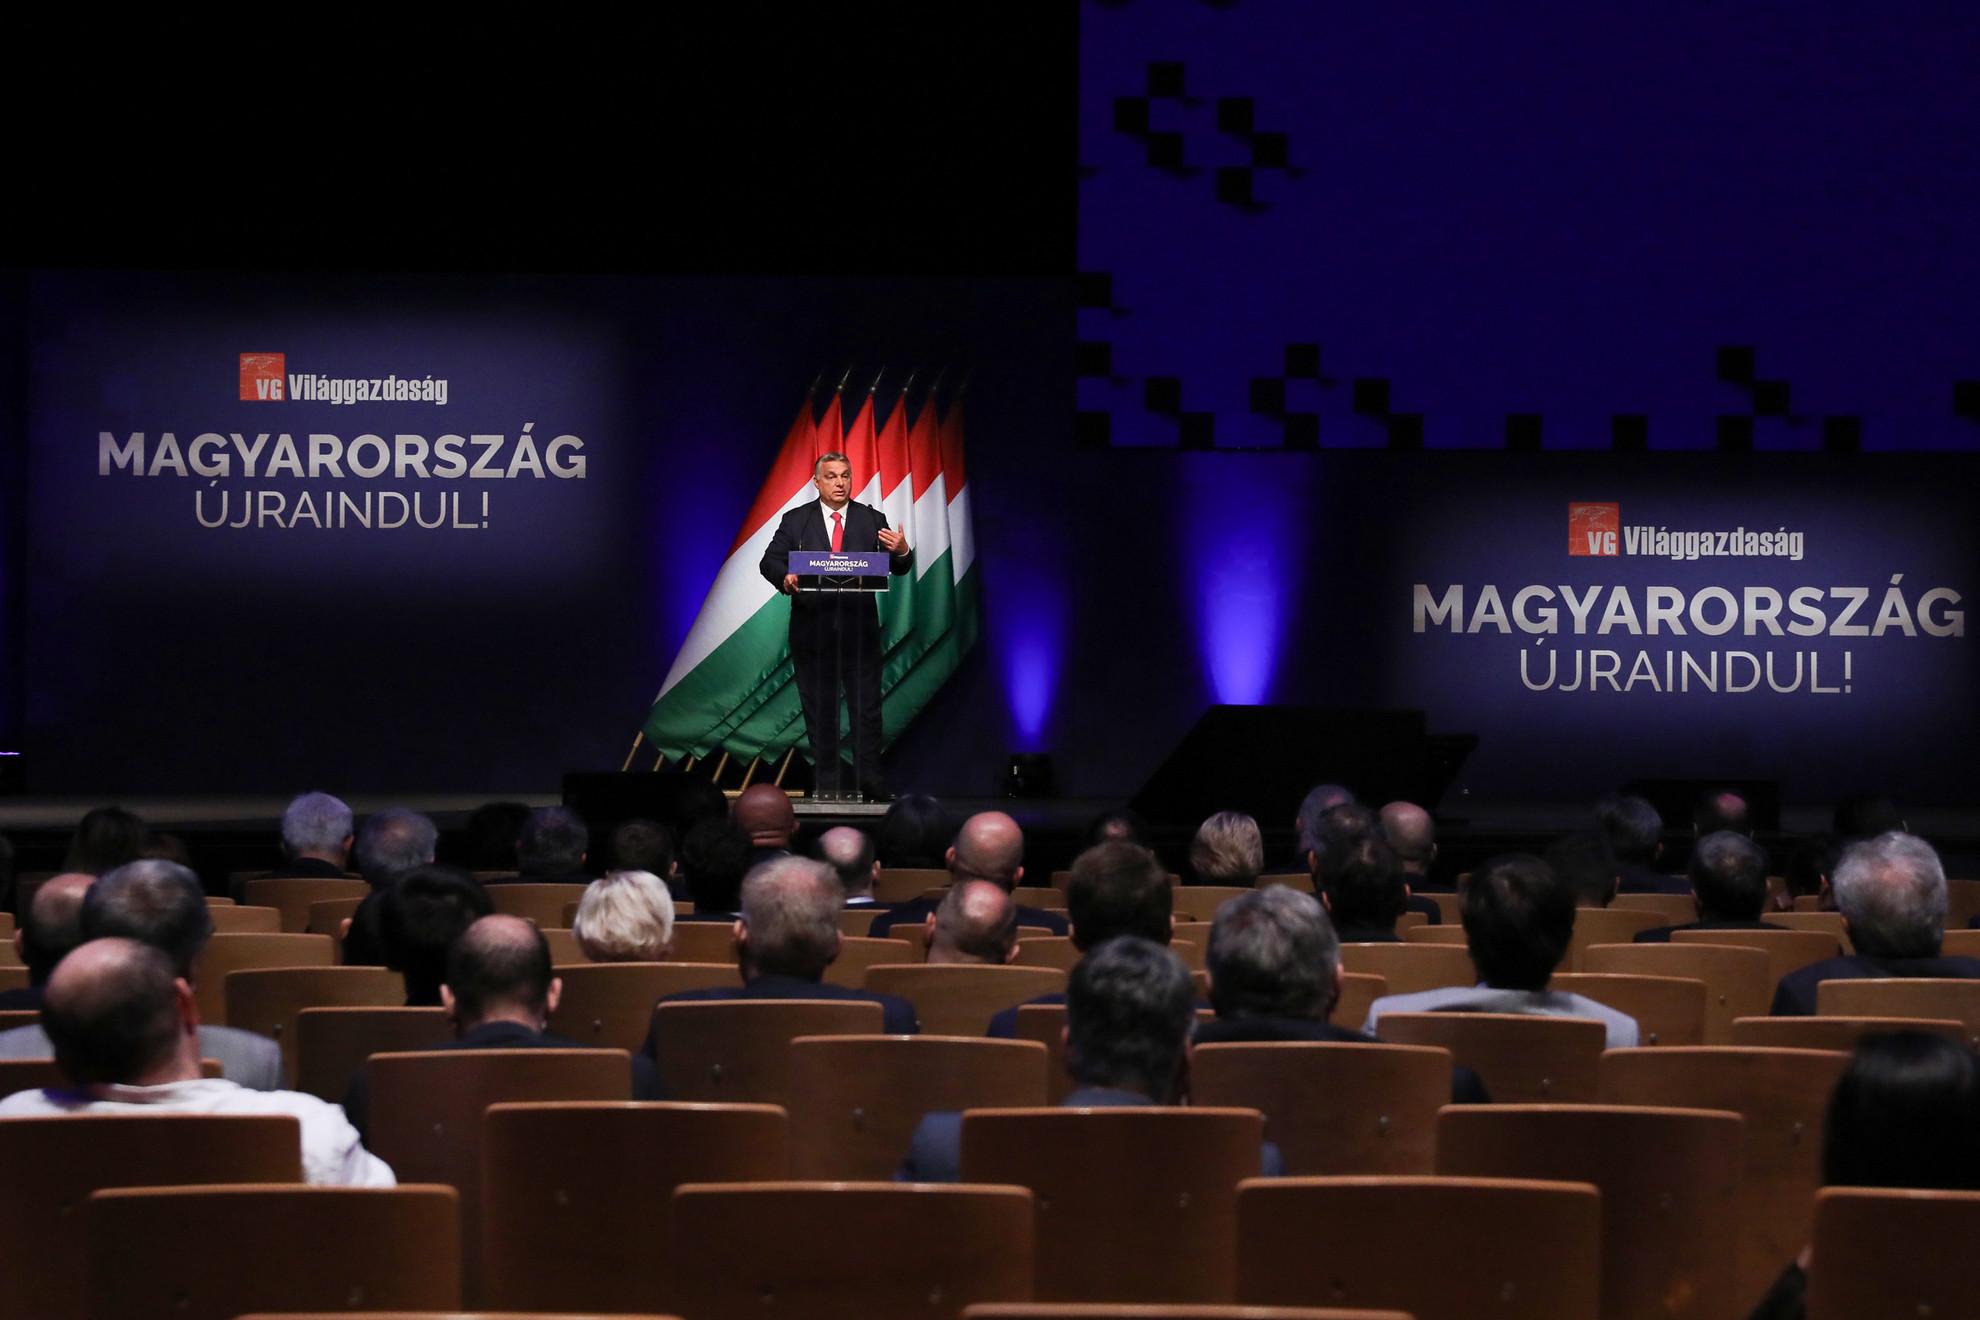 Orbán Viktor miniszterelnök beszédet mond a Világgazdaság üzleti napilap Magyarország újraindításáról szervezett konferenciáján a Budapest Kongresszusi Központ 2021. június 9-én